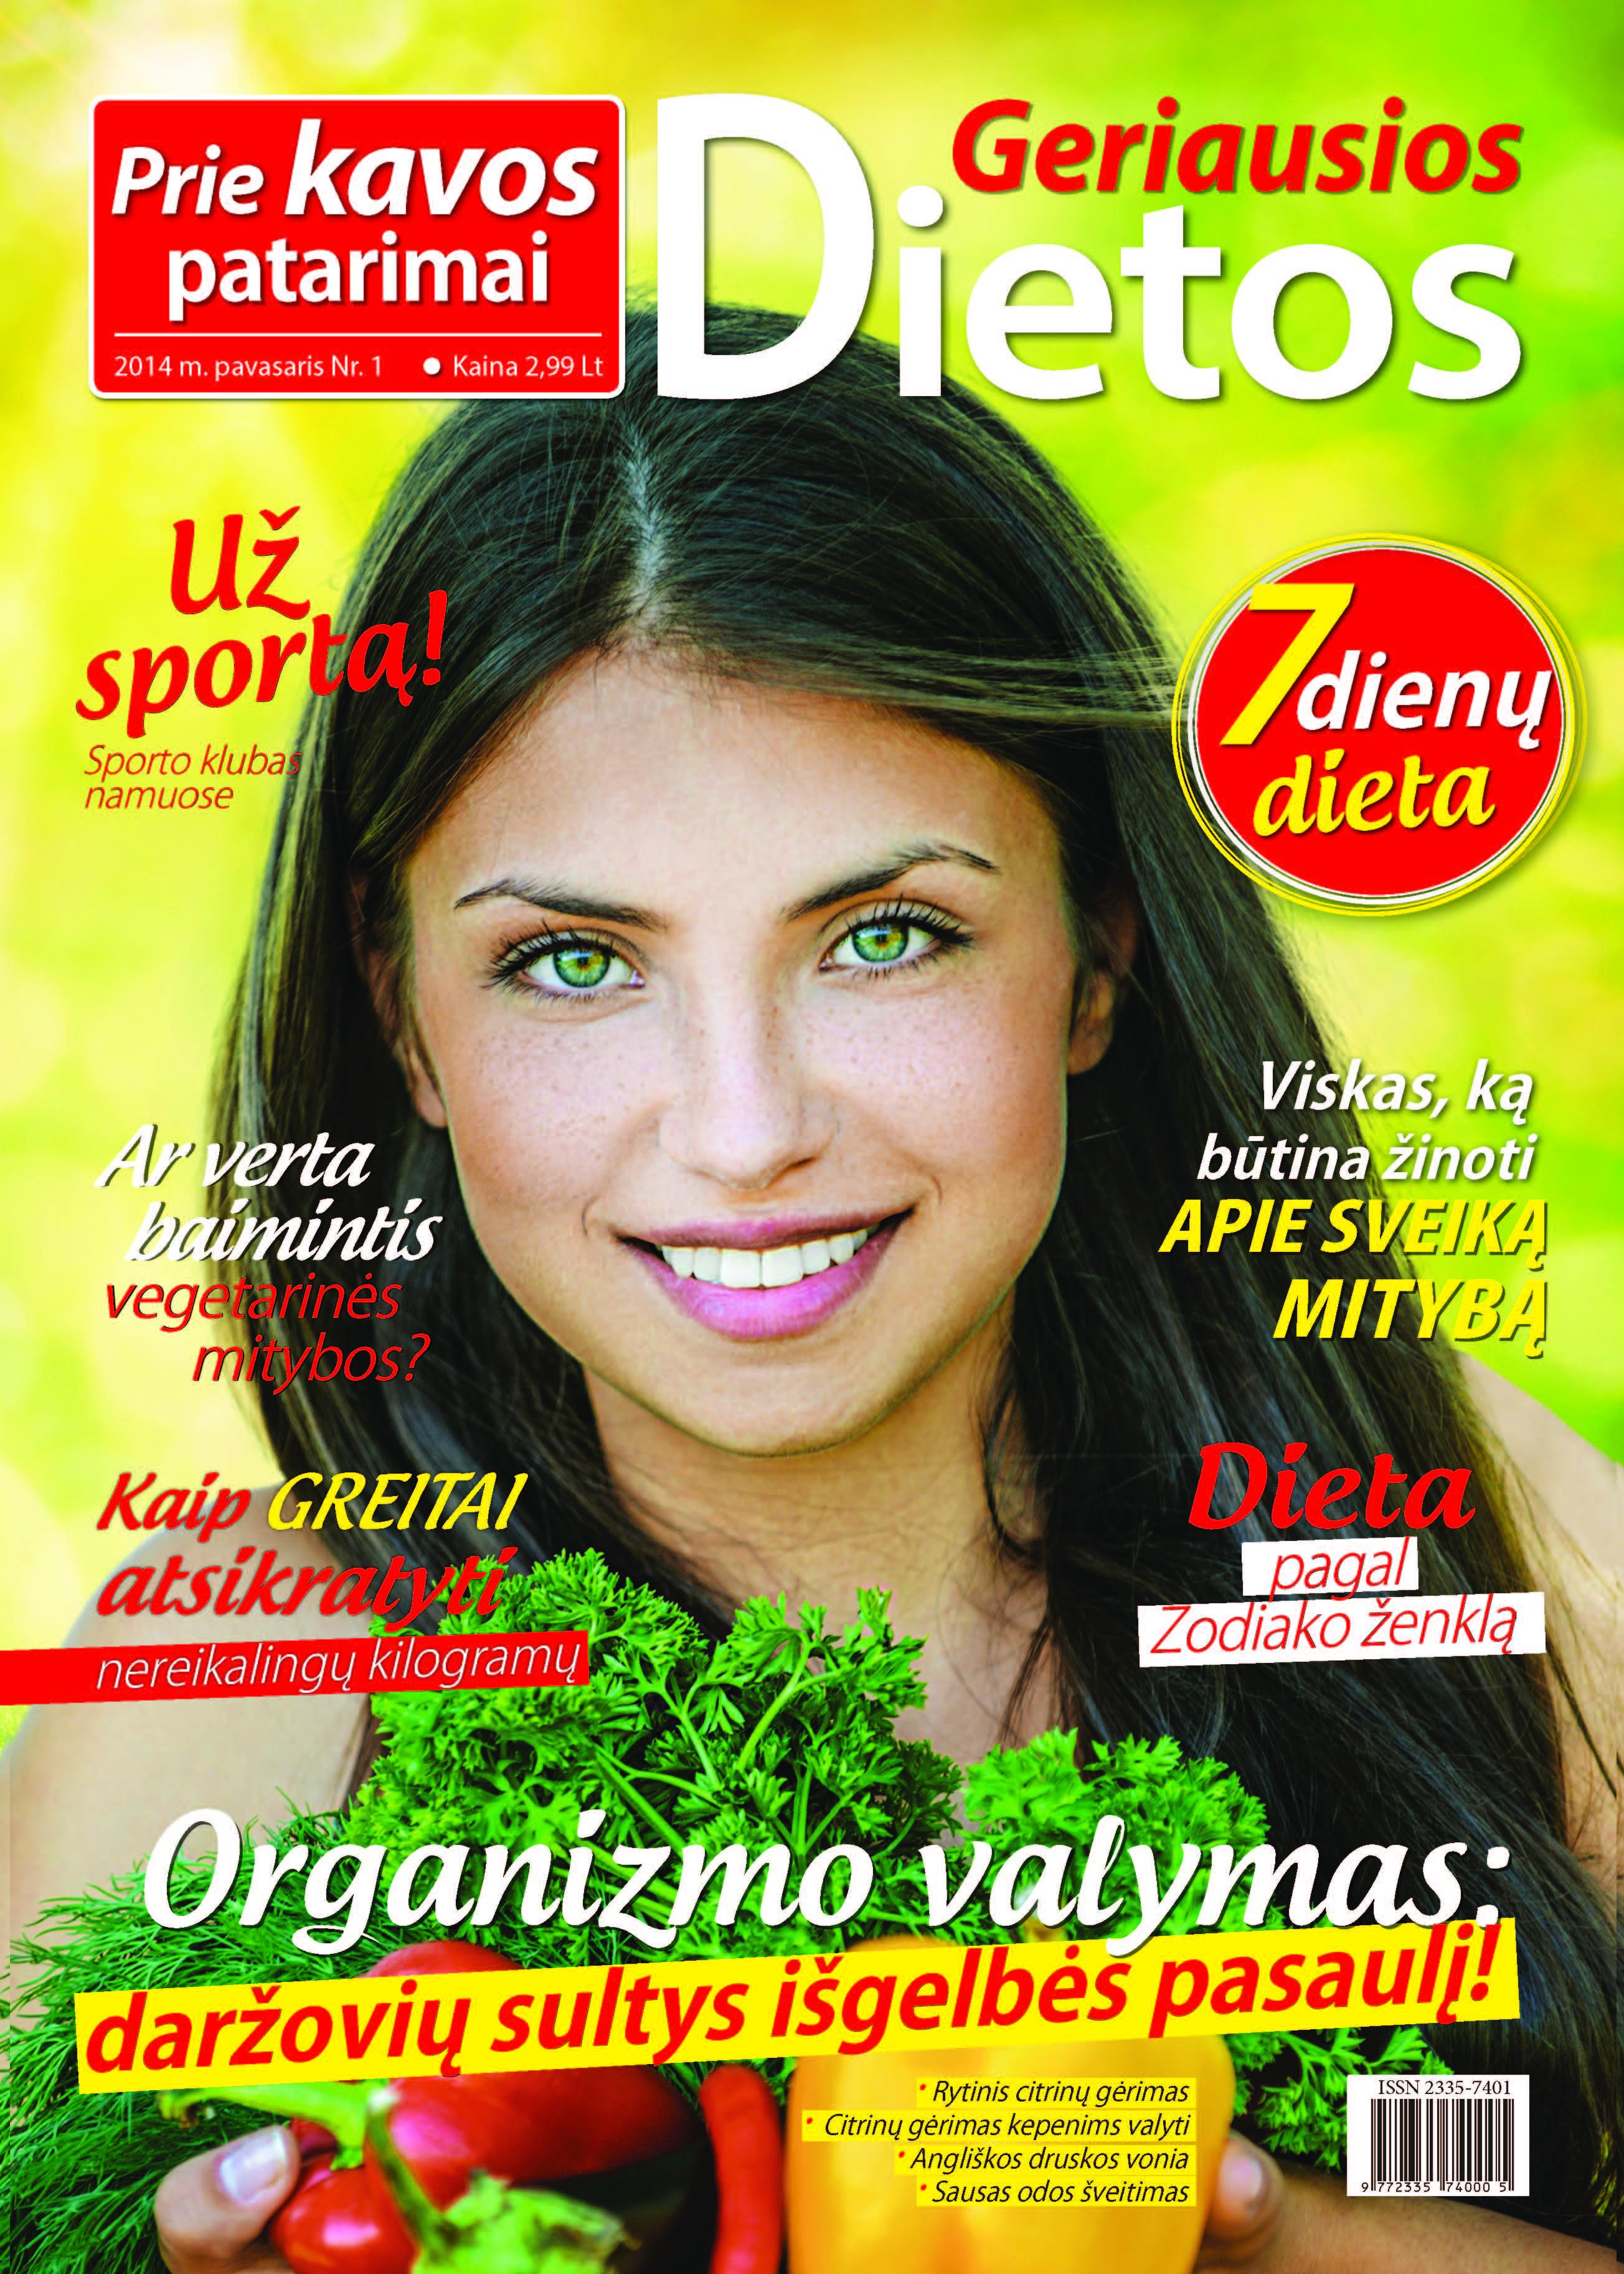 Prie_kavos_patarimai_Geriausios_dietos_2014_Nr1_pdf_Page_01